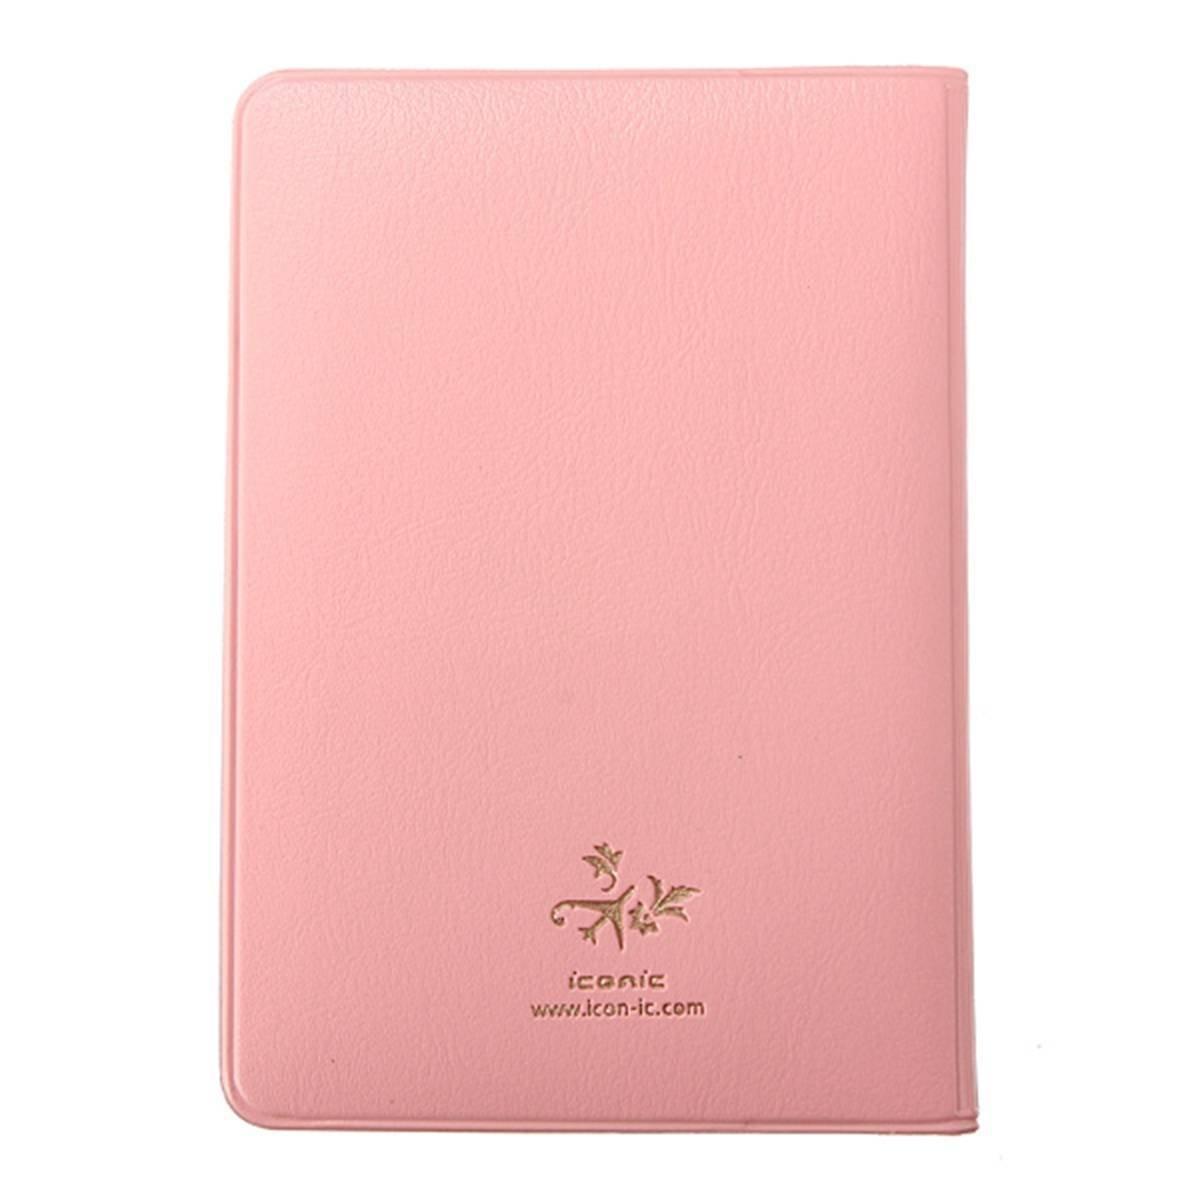 Organizer case of passport Wallets Passport Holder Pink Flower Vine TOOGOO Passport Holder R